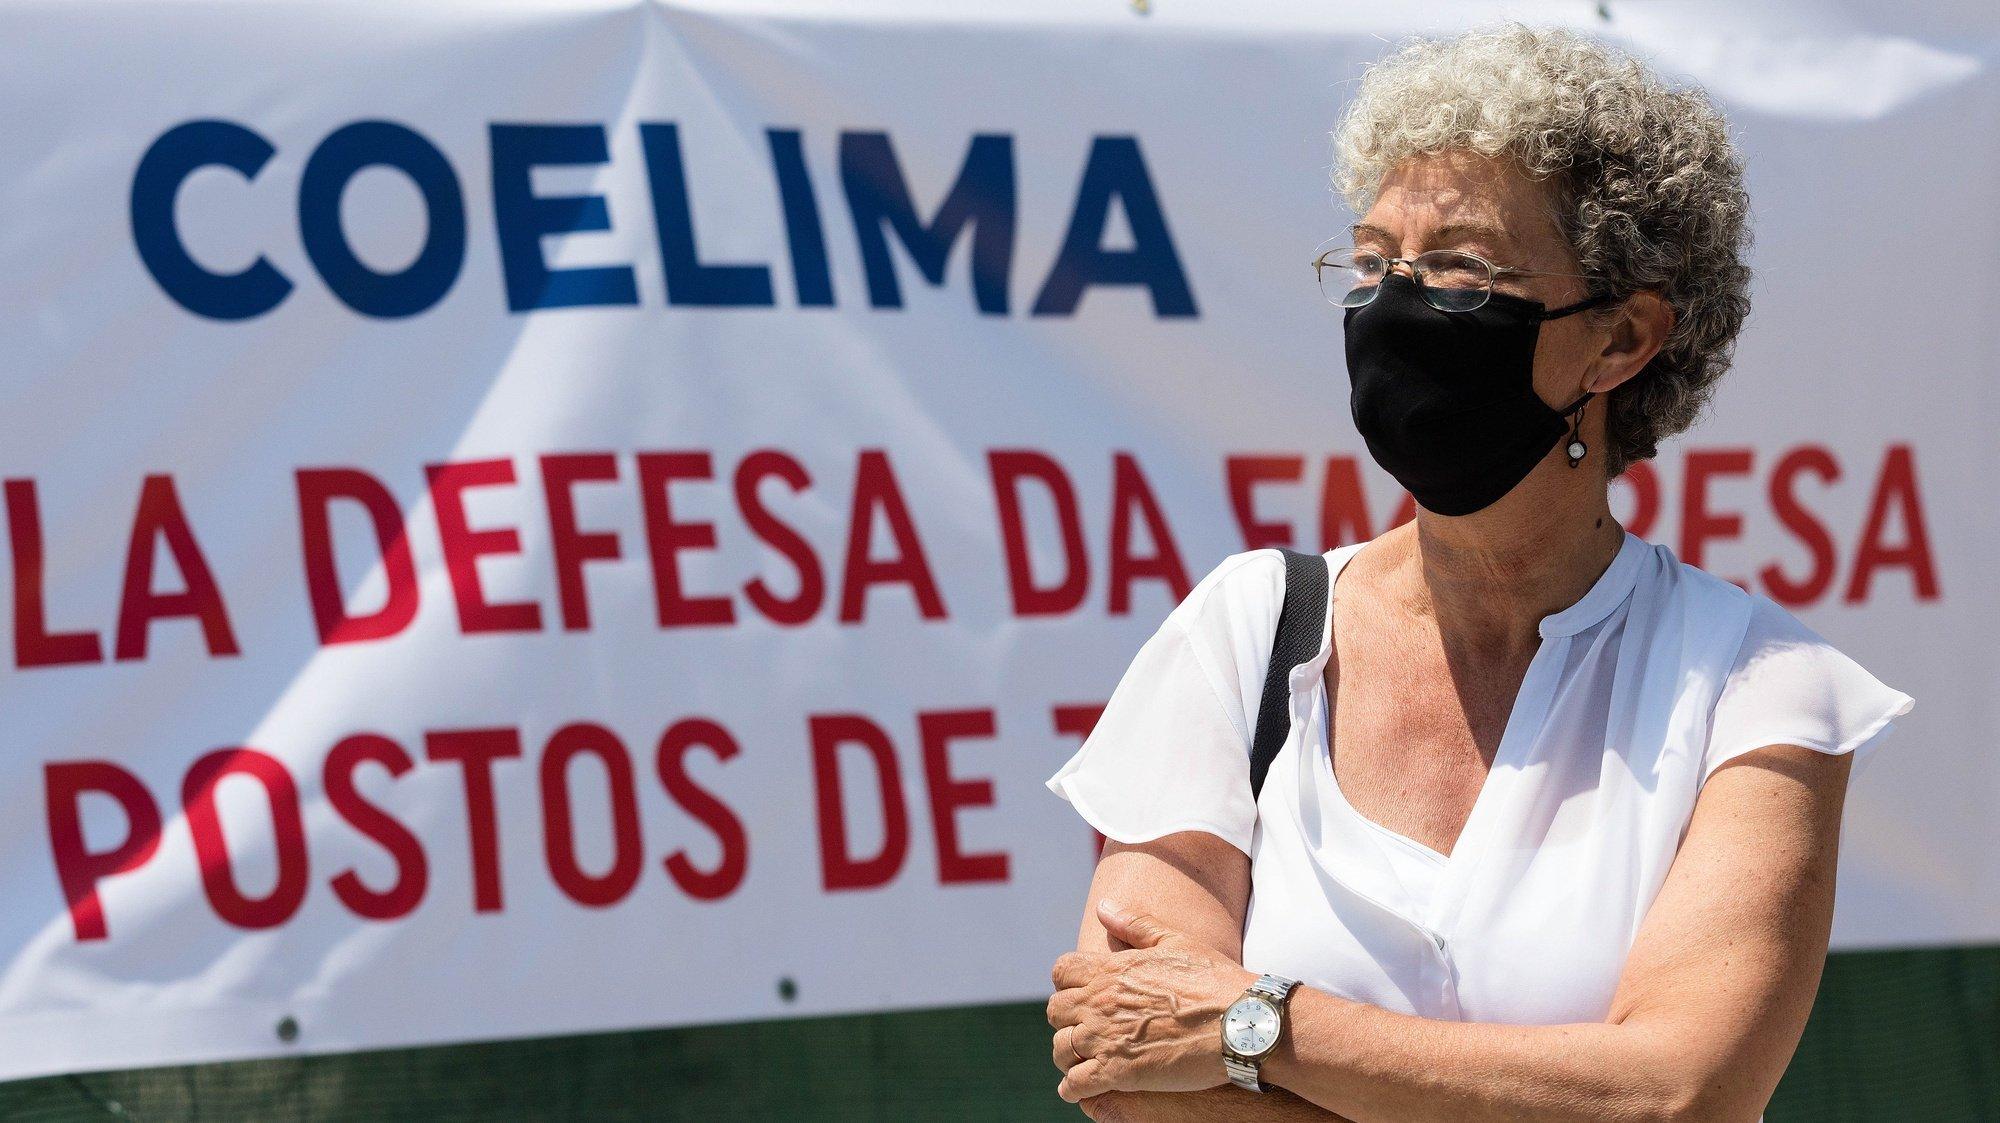 """A secretária-geral da CGTP-IN, Isabel Camarinha, participa num plenário de trabalhadores da Coelima - Indústrias Têxteis convocado pela Comissão Sindical da Empresa, Sindicato Têxtil do Minho e Trás-os-Montes, na sequência da """"não apresentação de um plano de insolvência que previa a continuidade da empresa"""",  no exterior das instalações da empresa em Guimarães, 31 de maio de 2021. JOSÉ COELHO/LUSA"""